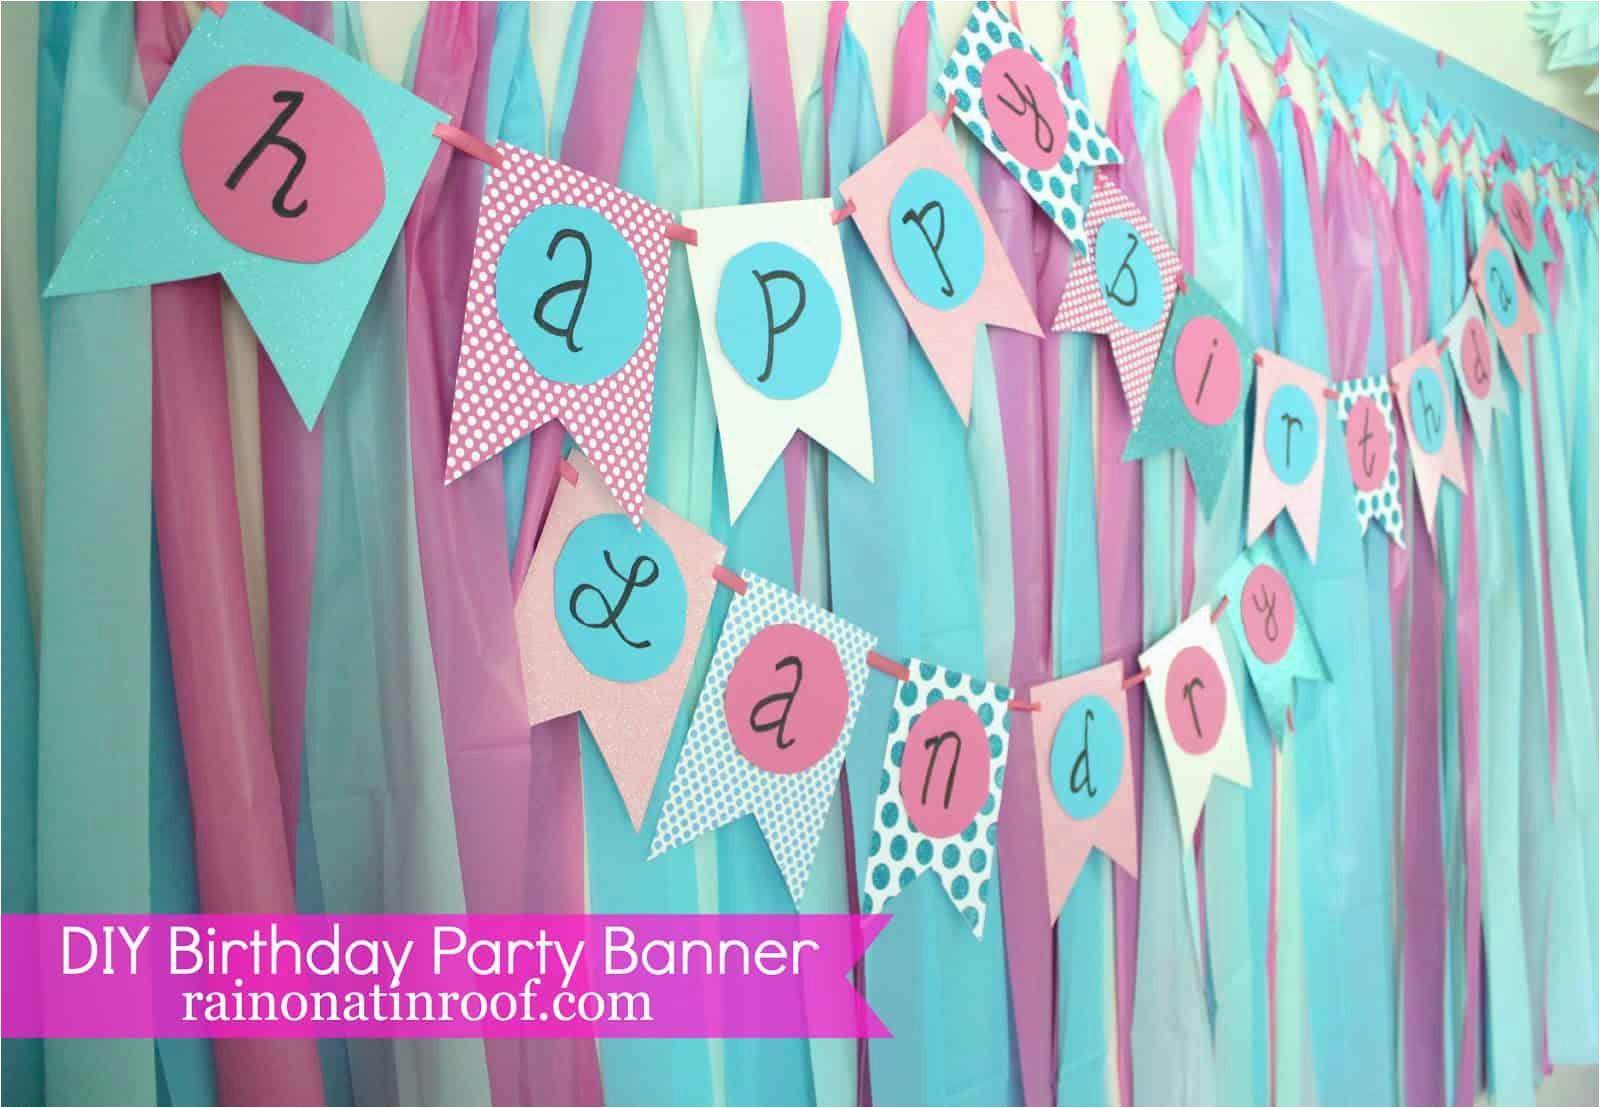 homemade birthday banners